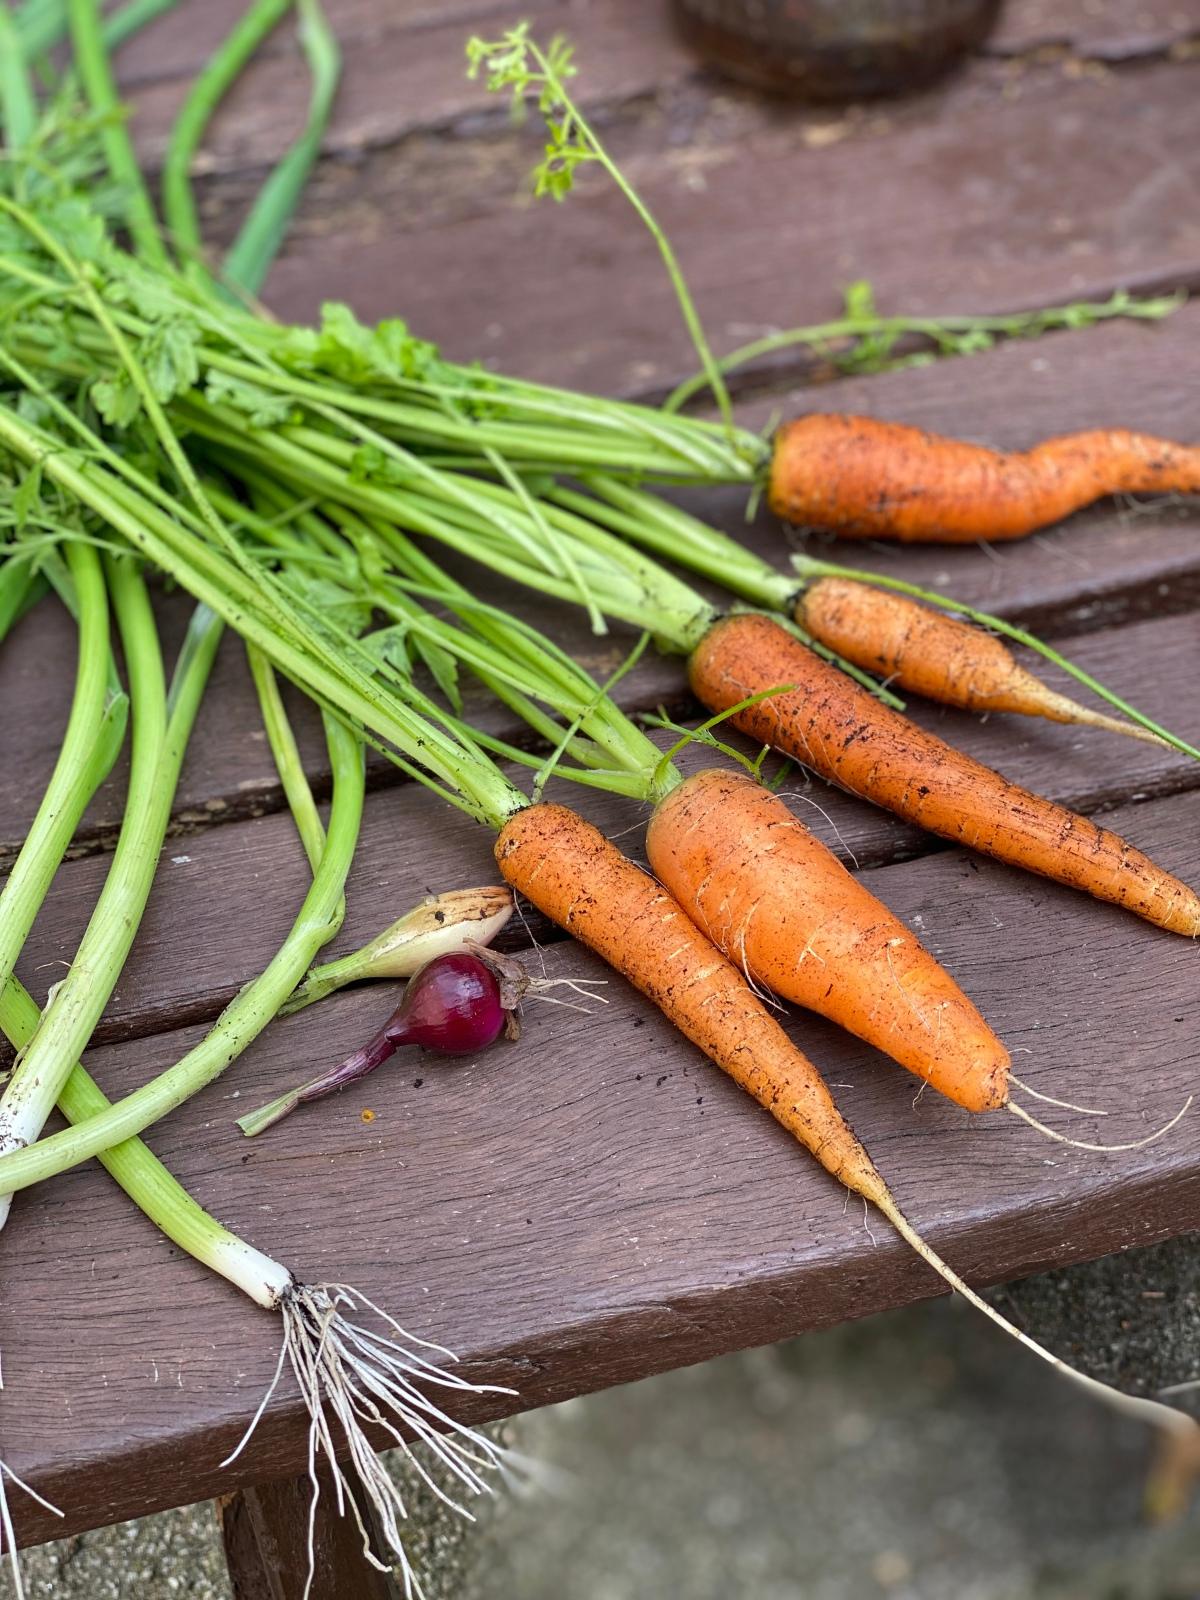 Le Coup des Carrotes (Carrots PartTwo)